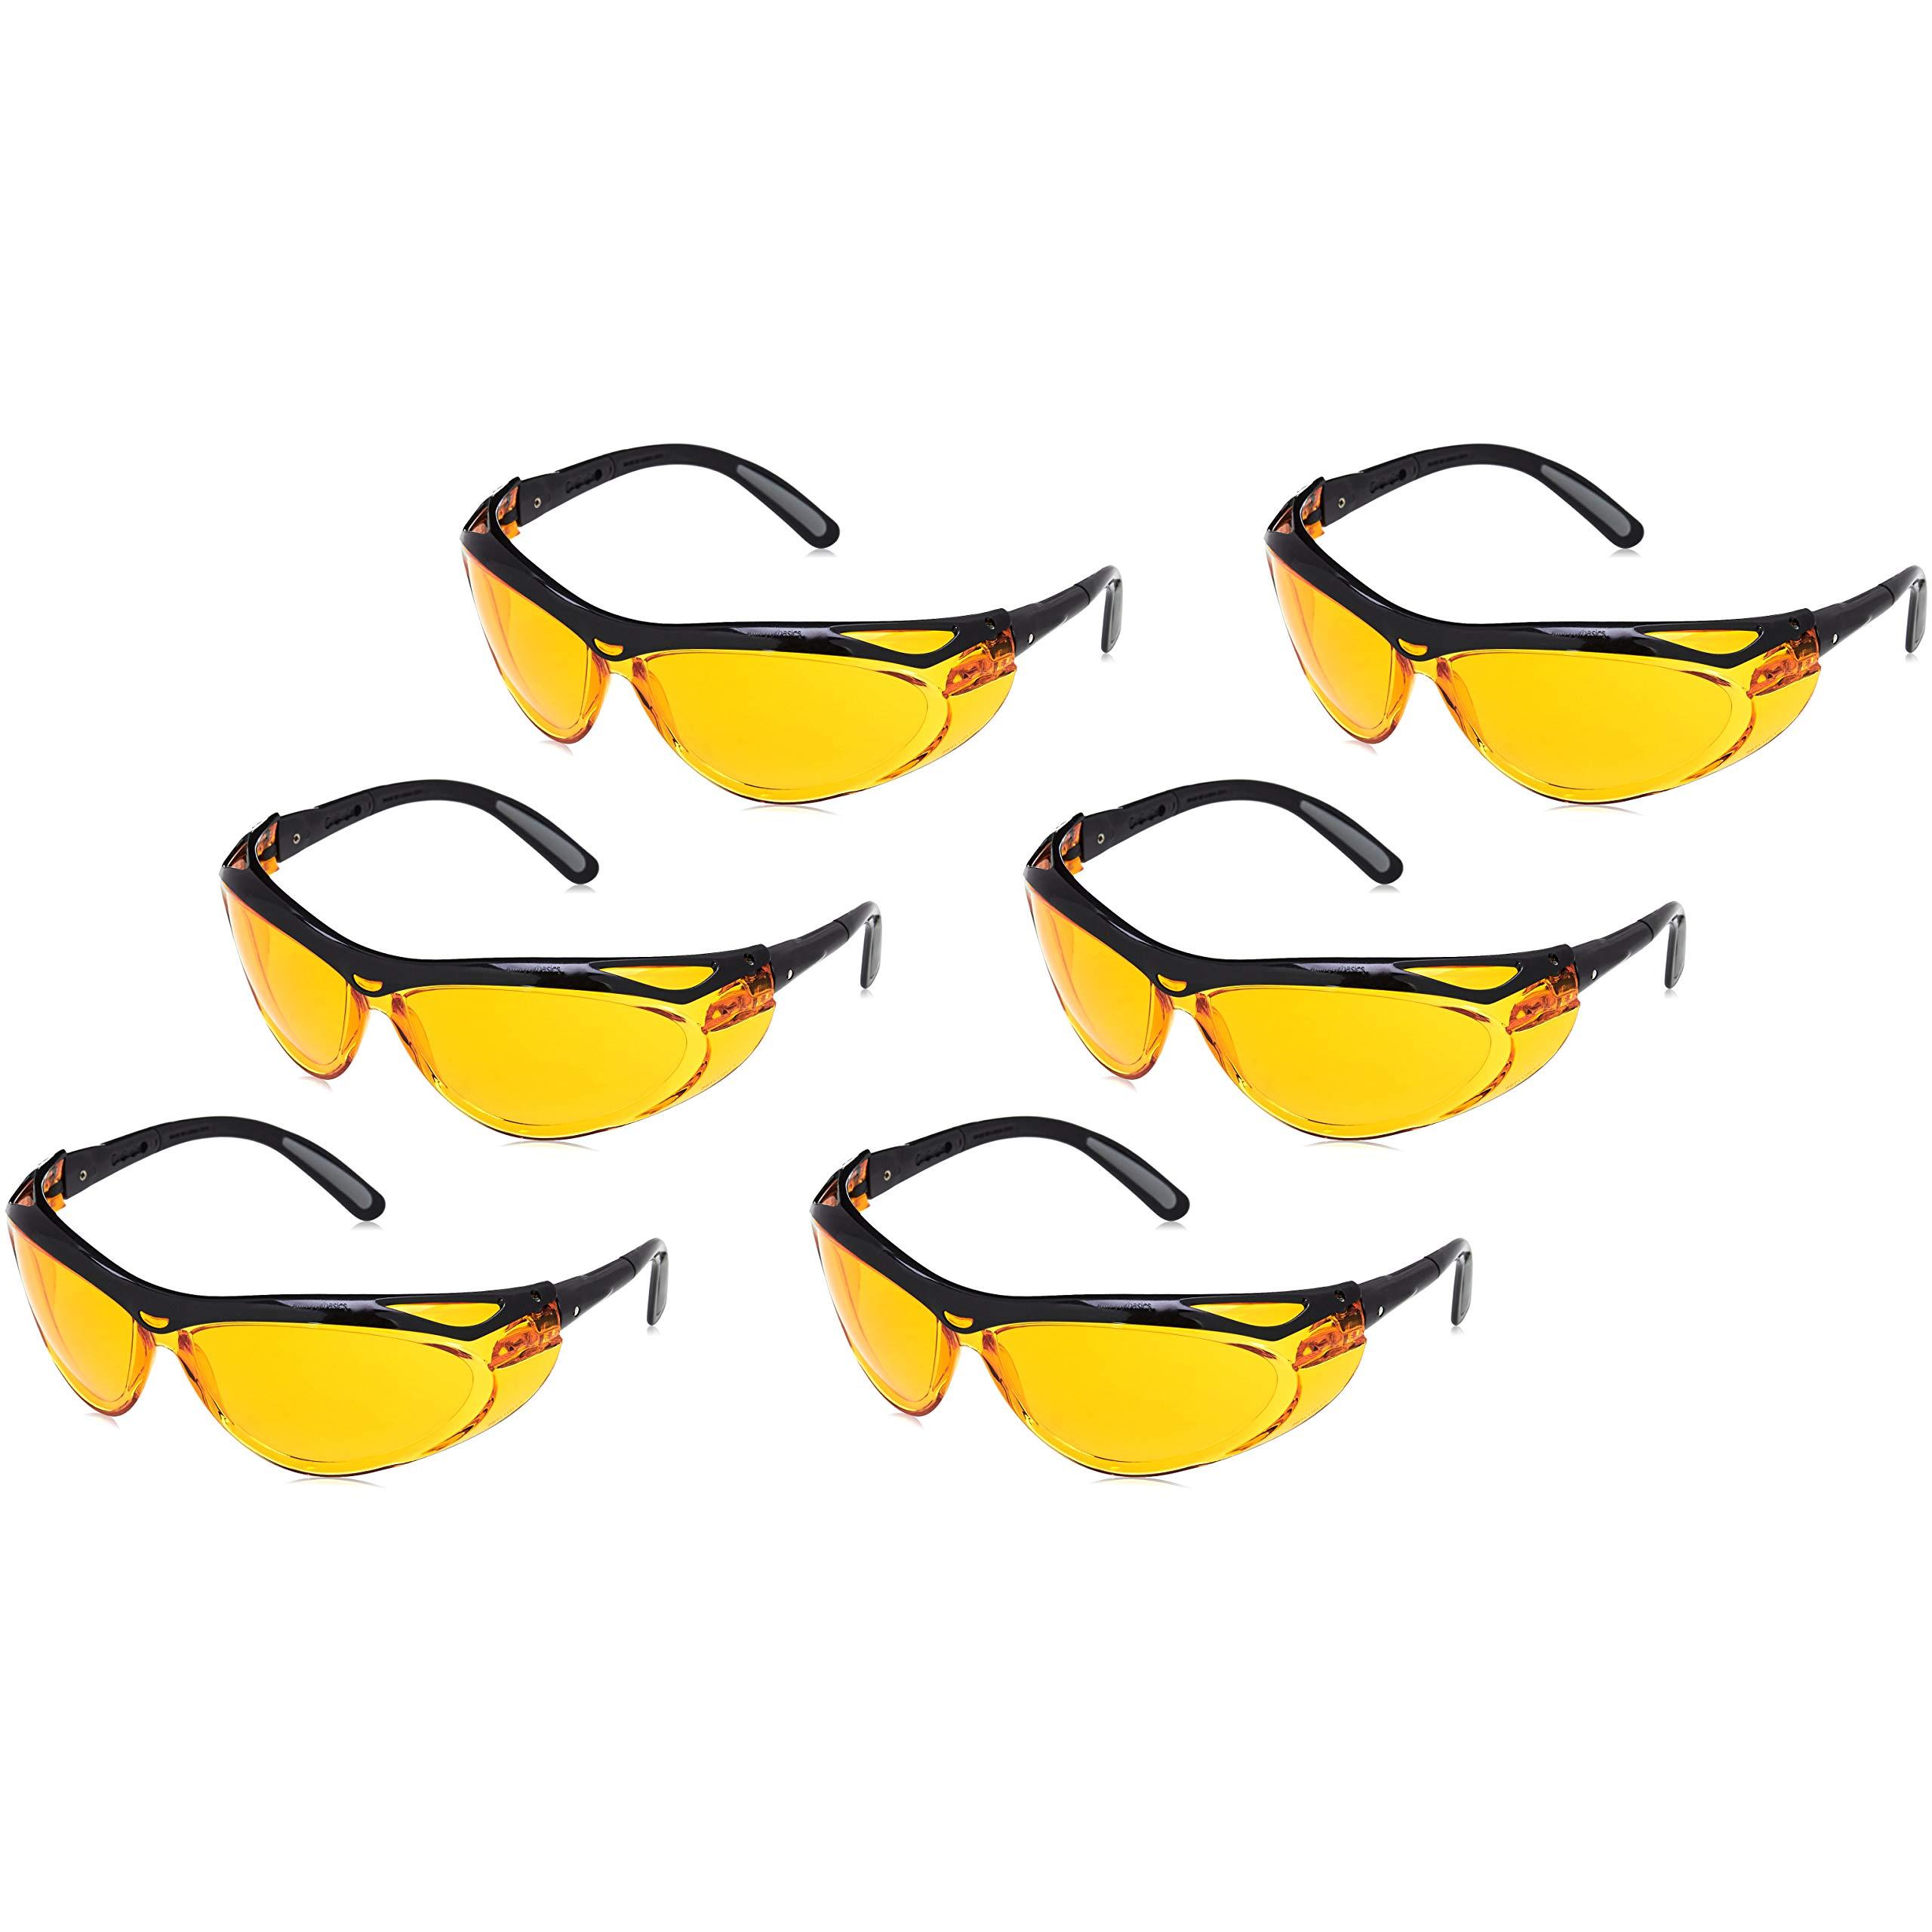 AmazonBasics Blue Light Blocking Safety Glasses Eye Protection, Anti-Fog, Orange Lens, 6-Count by AmazonBasics